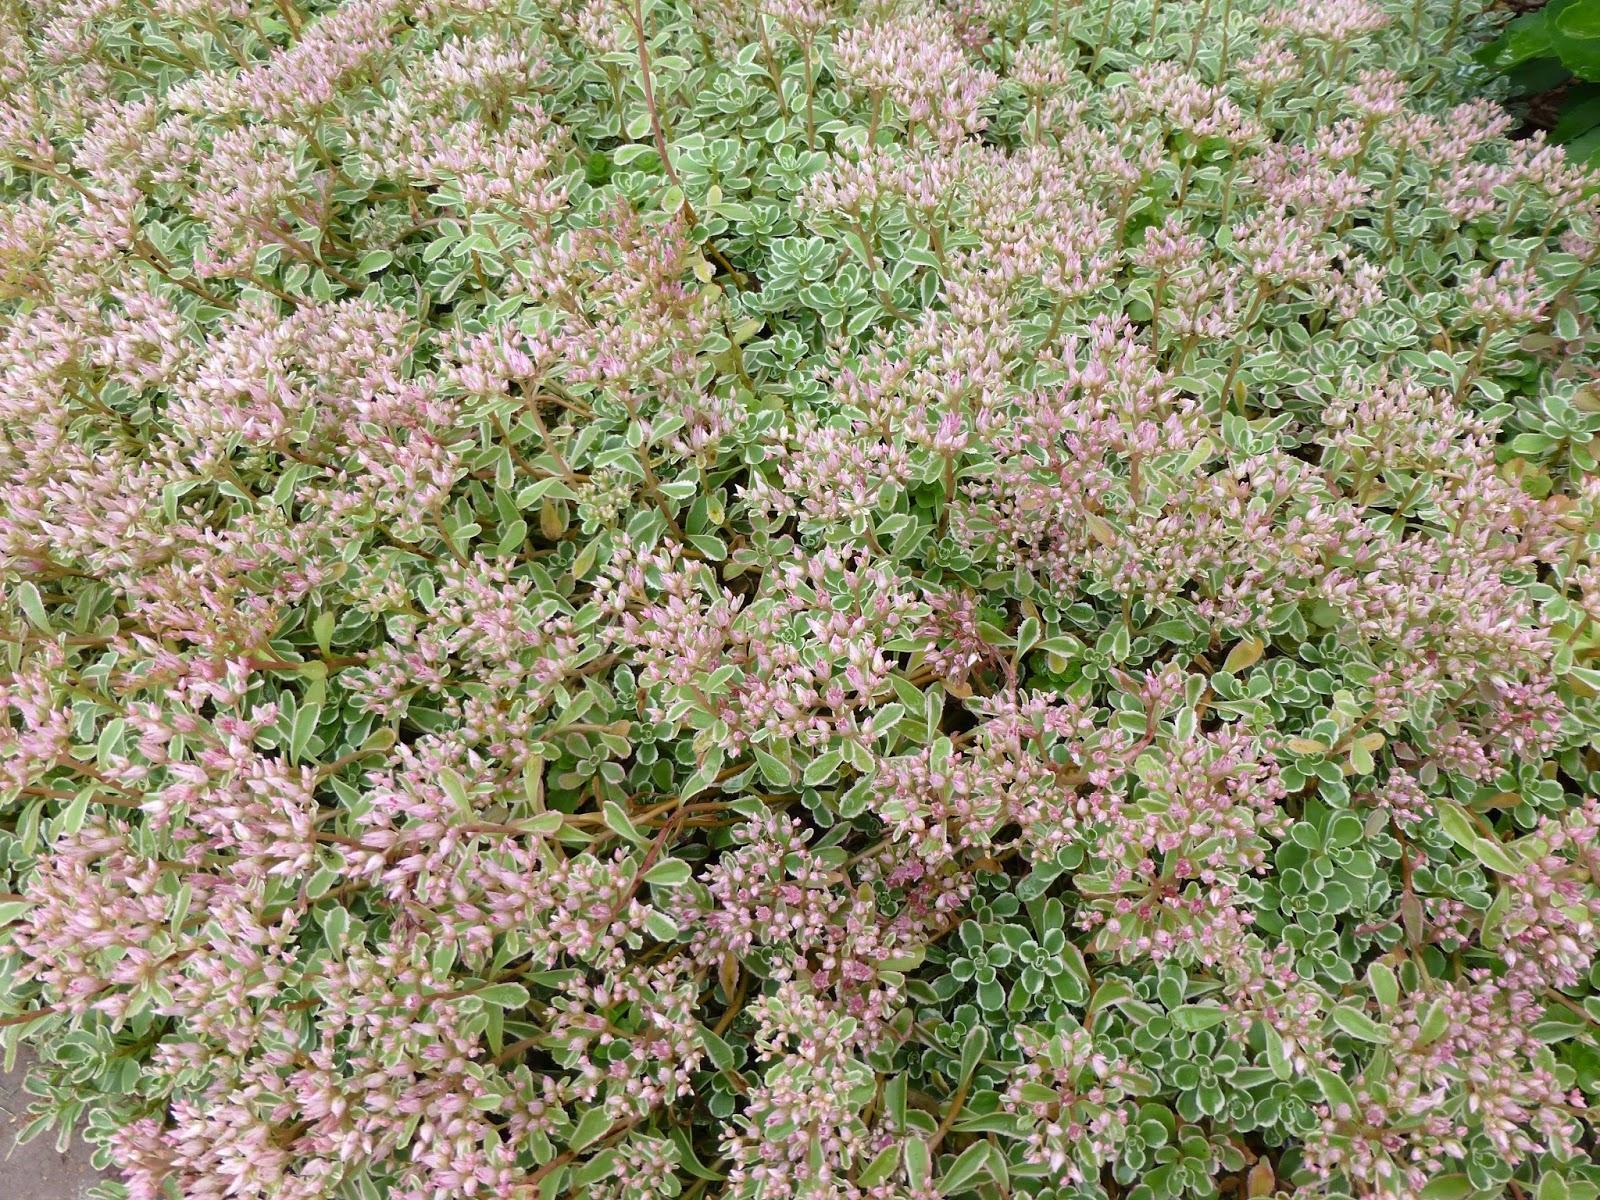 Sedum spurium tricolor